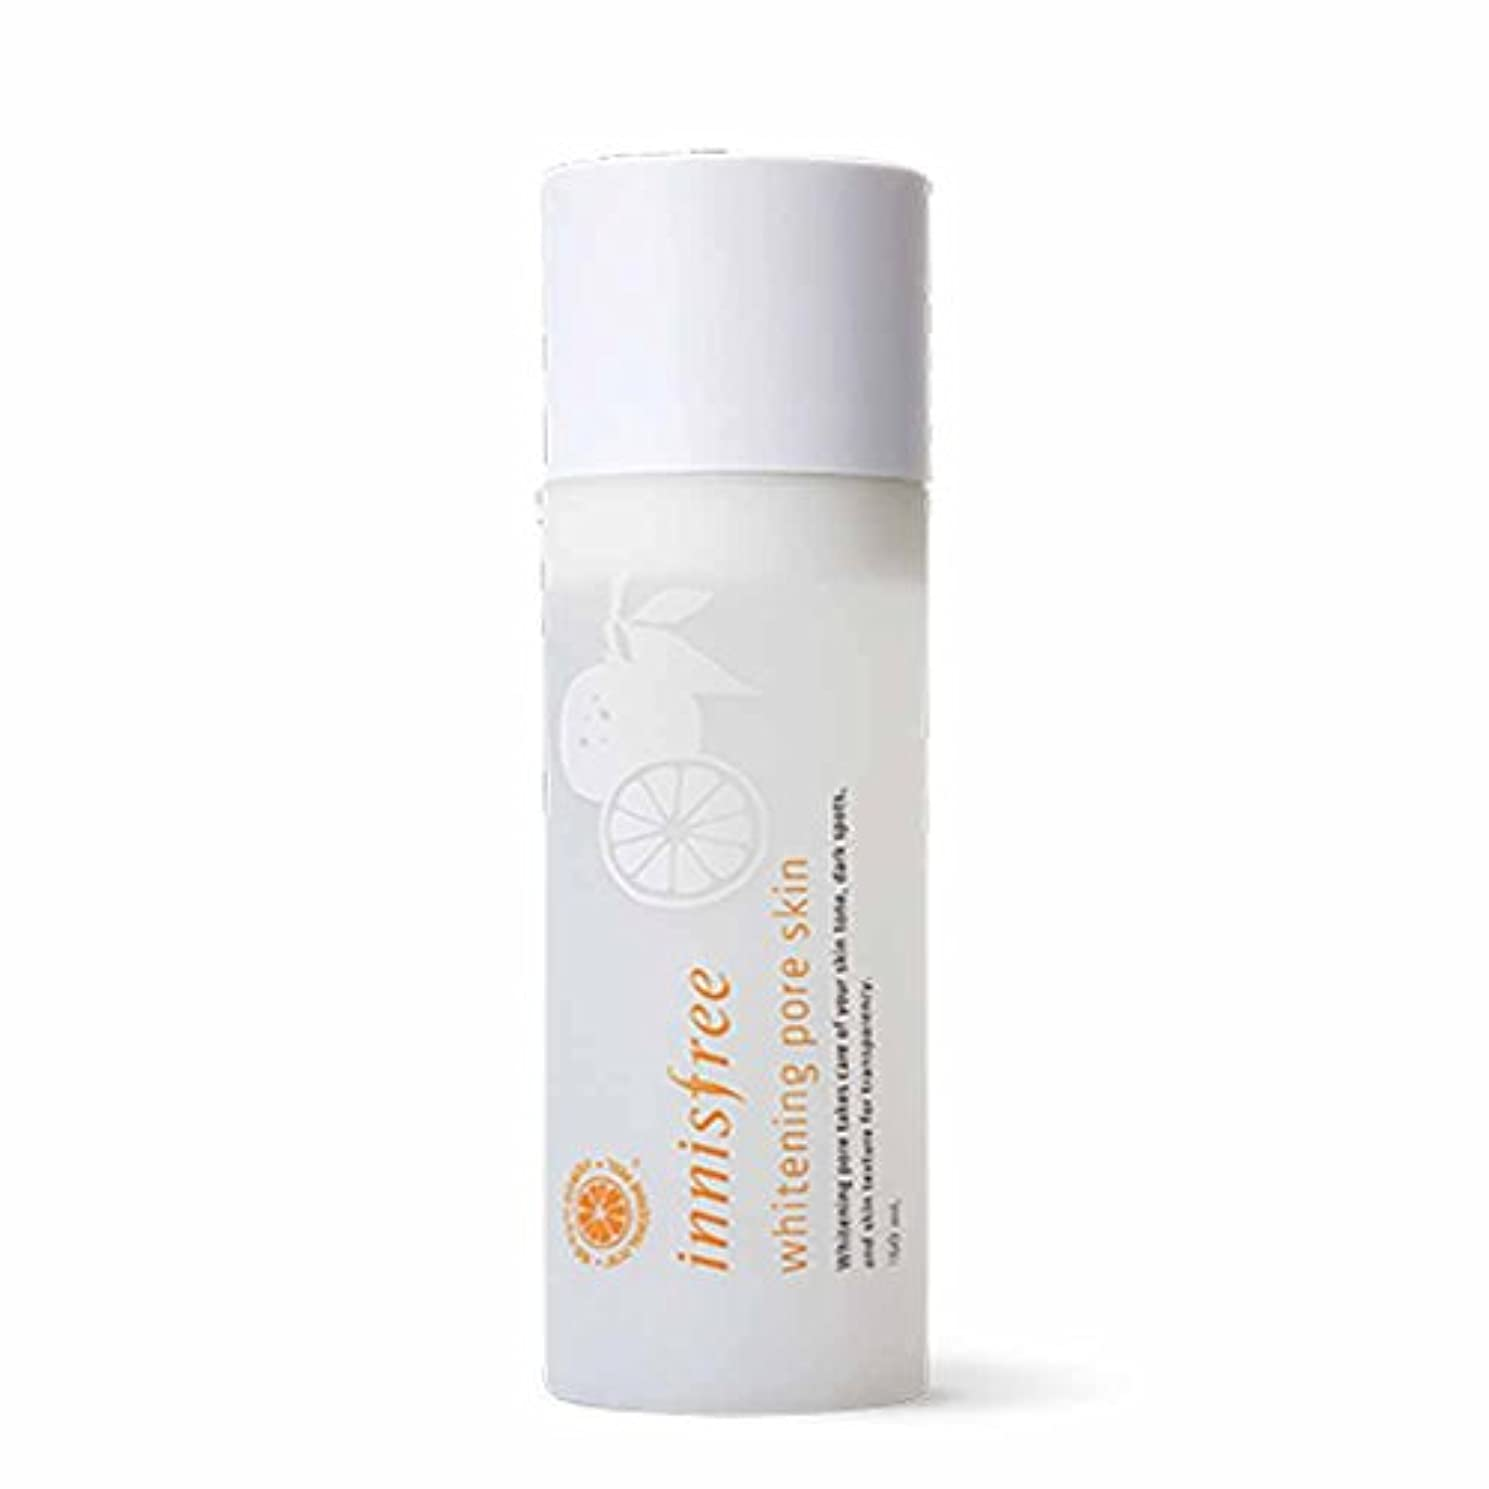 剣努力オールイニスフリーホワイトニングポアスキン(トナー)150ml Innisfree Whitening Pore Skin(Toner) 150ml [海外直送品][並行輸入品]